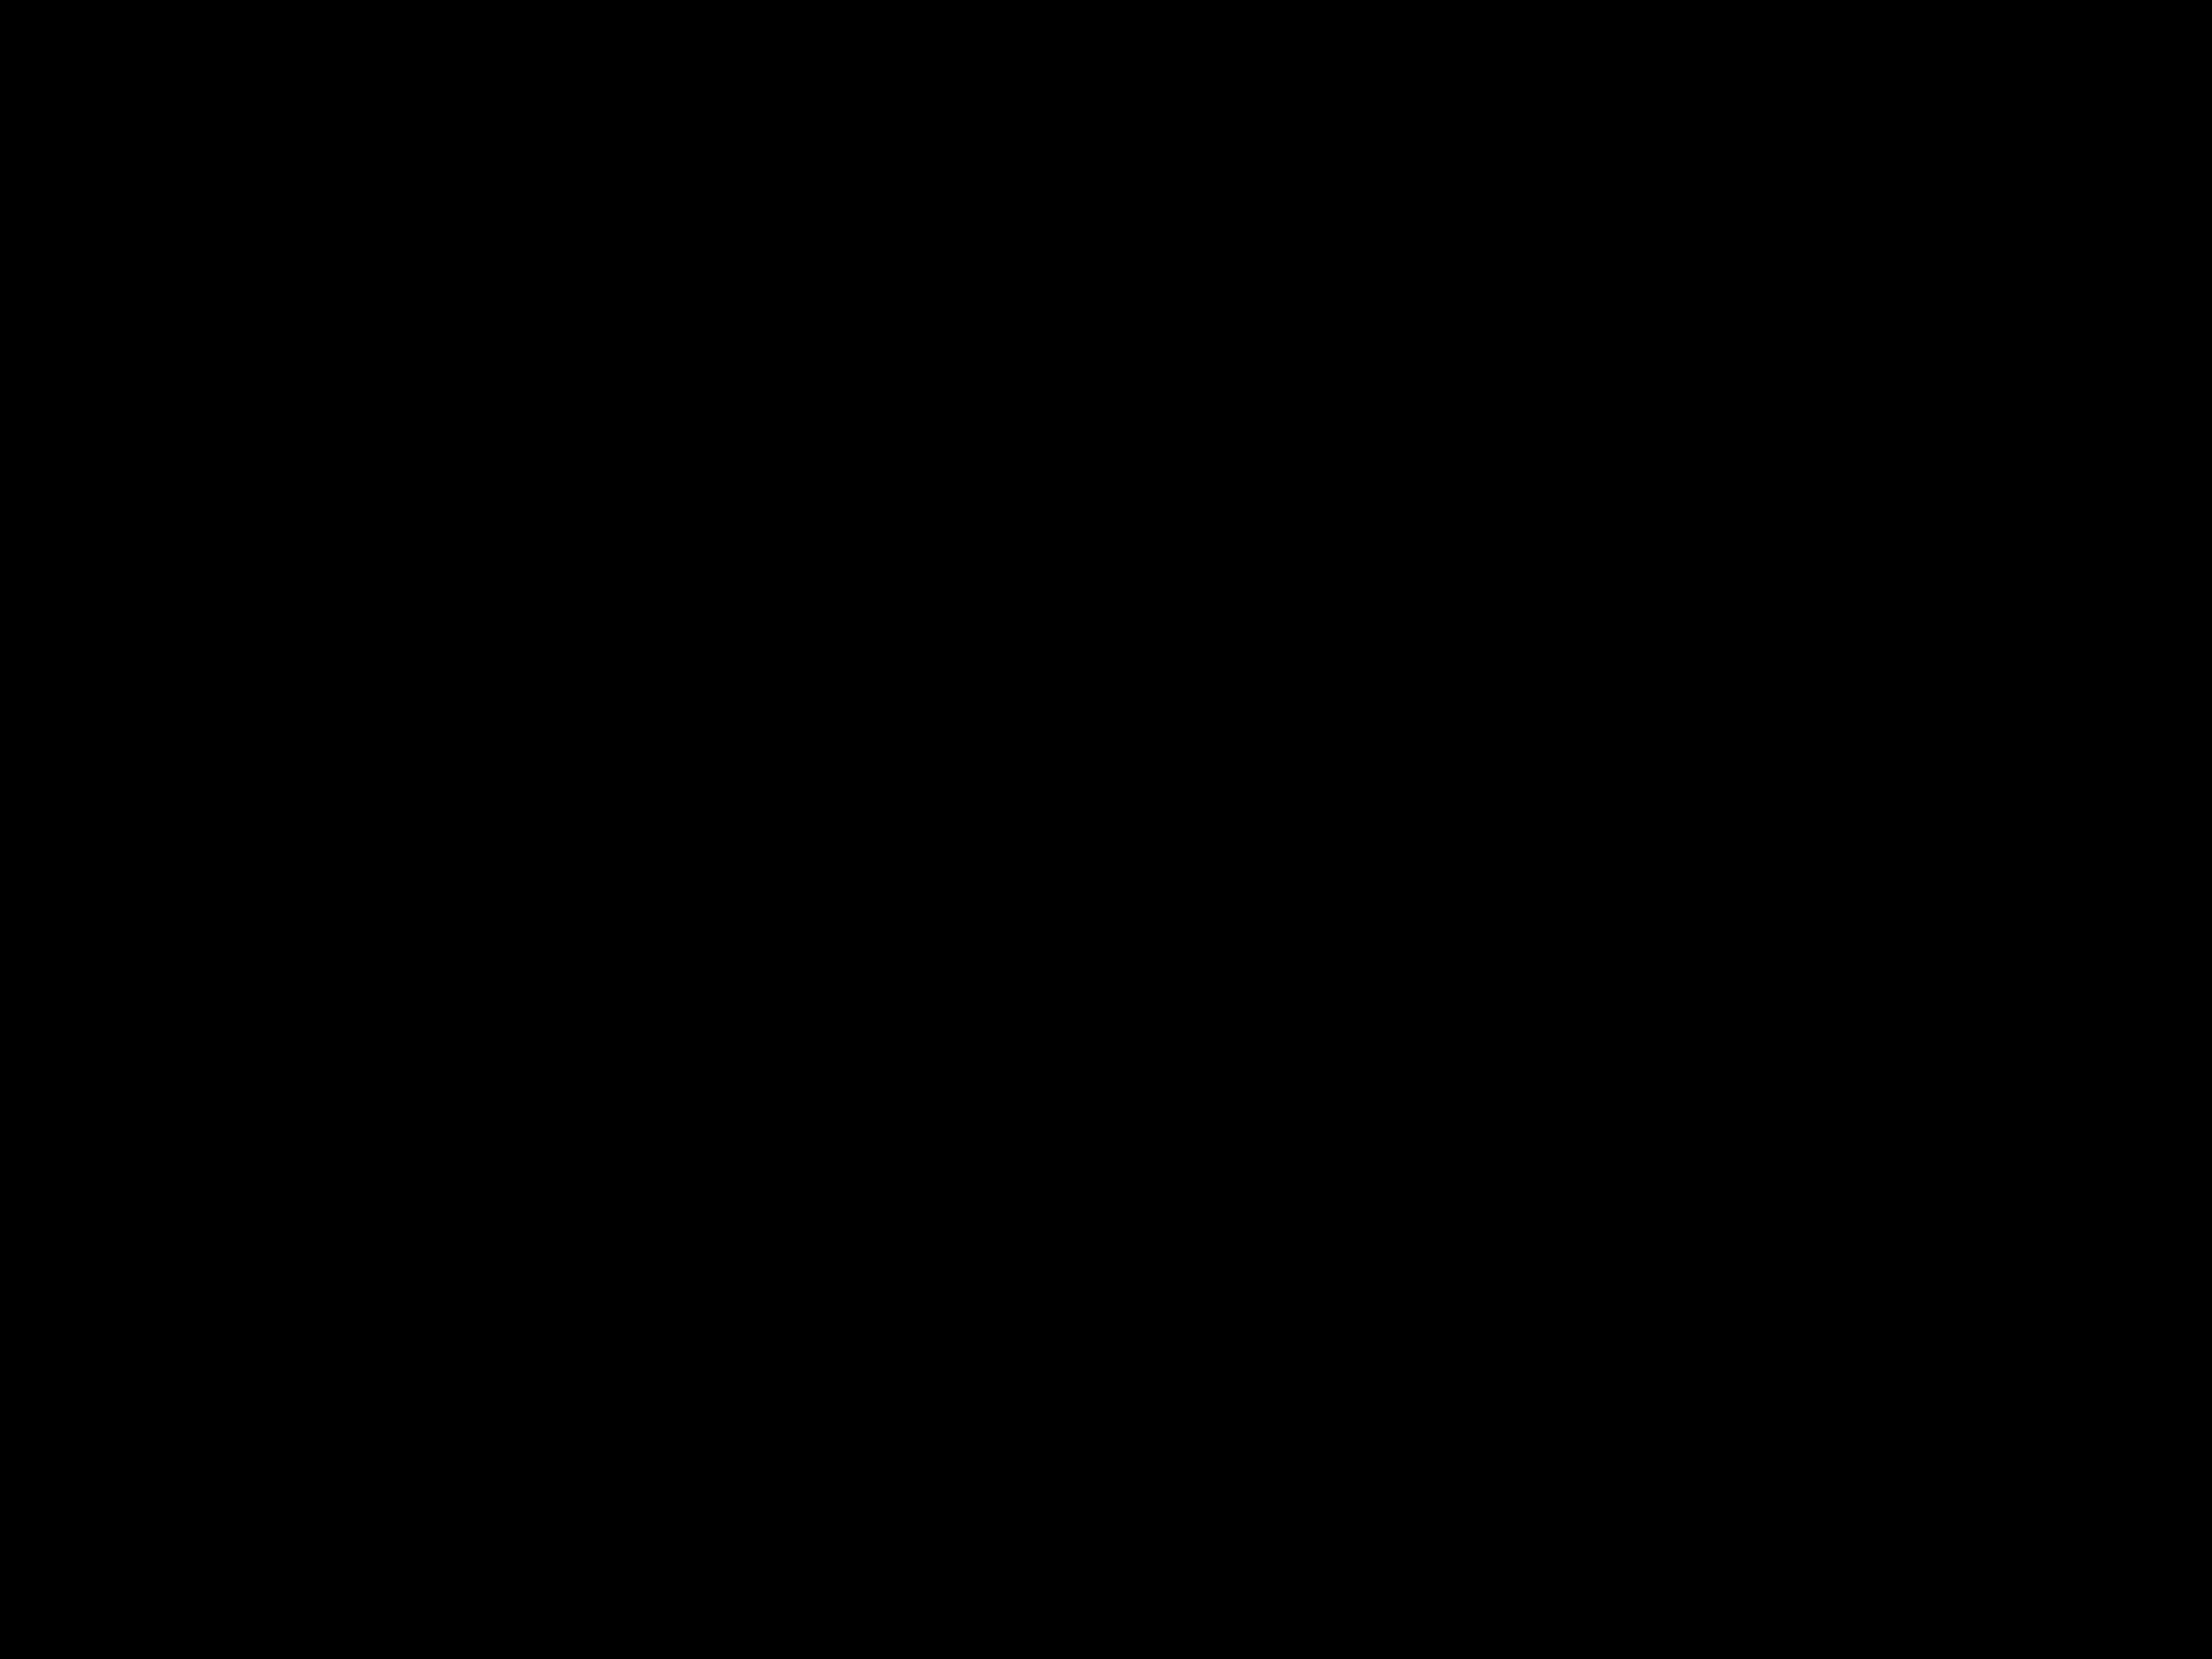 Casa  Camí a rocabruna. Finca de 2322 m2 am b una casa de 44 m2. piscina, llum, pou aigu